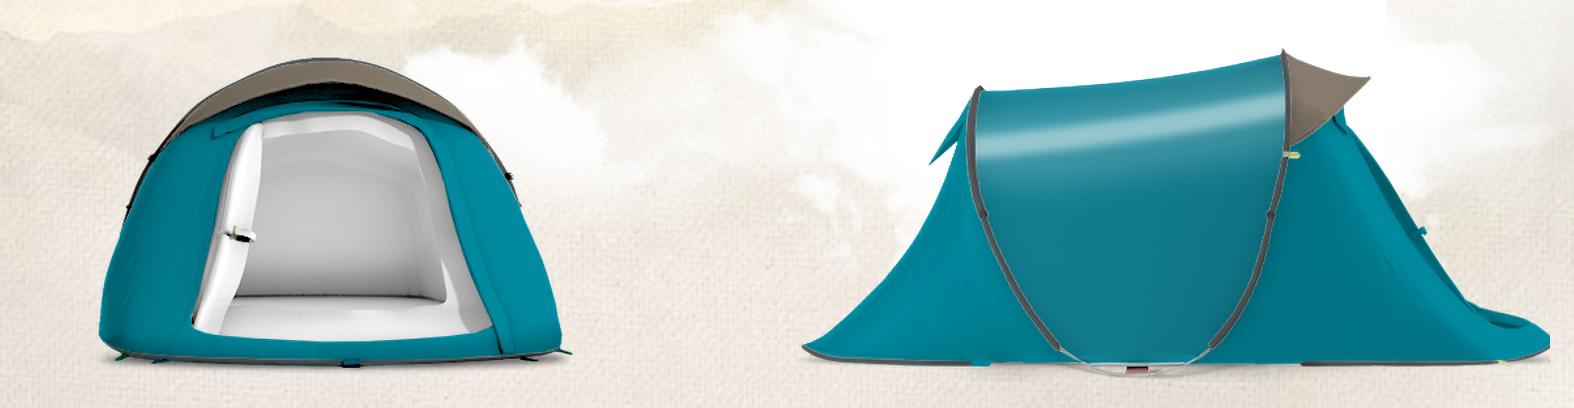 personnalisez votre tente quechua avec my2seconds sports marketing. Black Bedroom Furniture Sets. Home Design Ideas